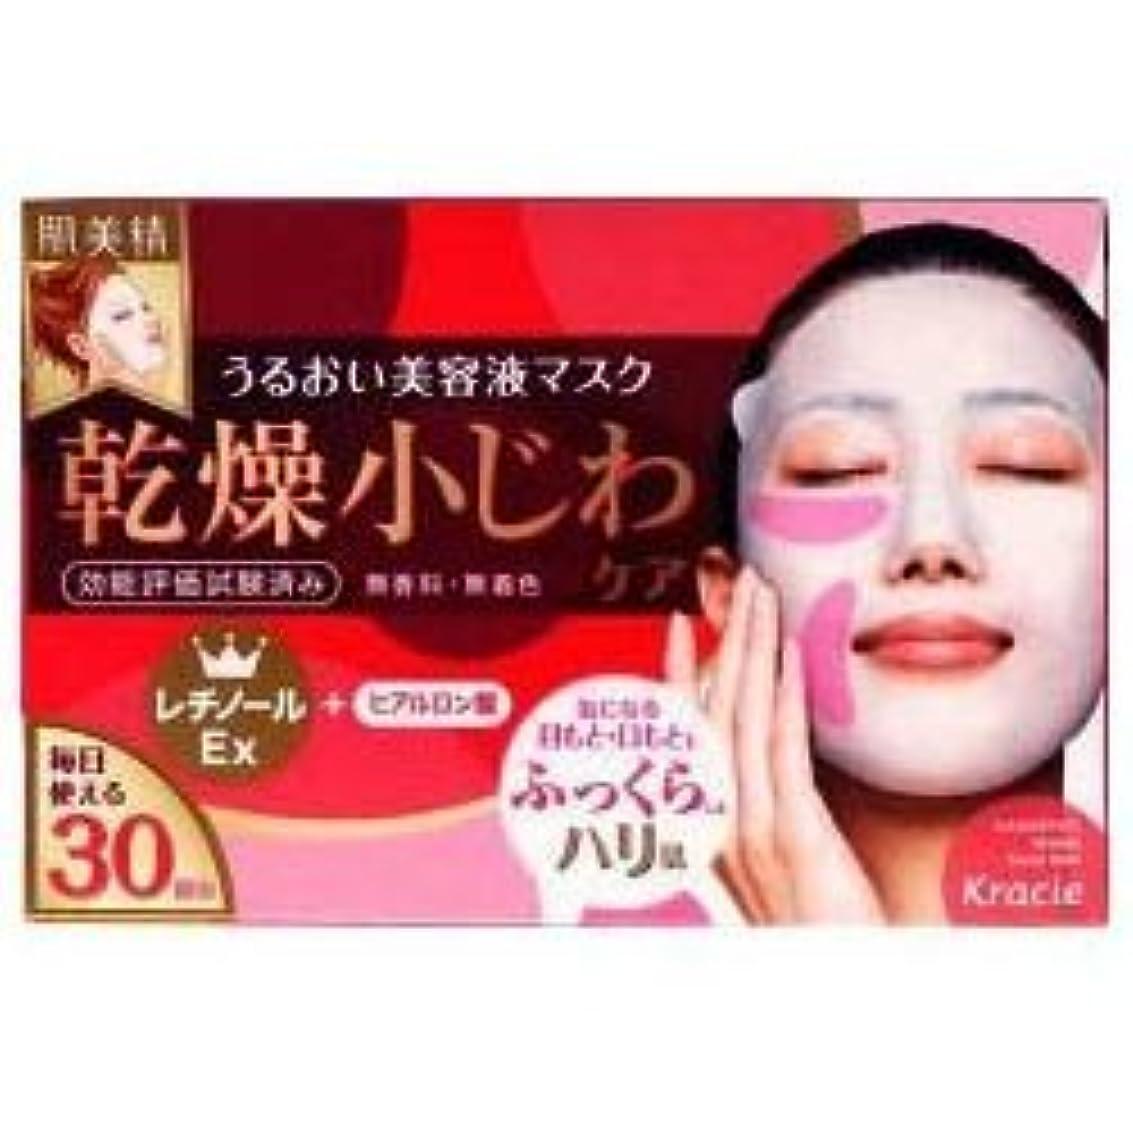 バリケードカーテン費用【クラシエ】肌美精 デイリーリンクルケア美容液マスク 30枚 ×5個セット